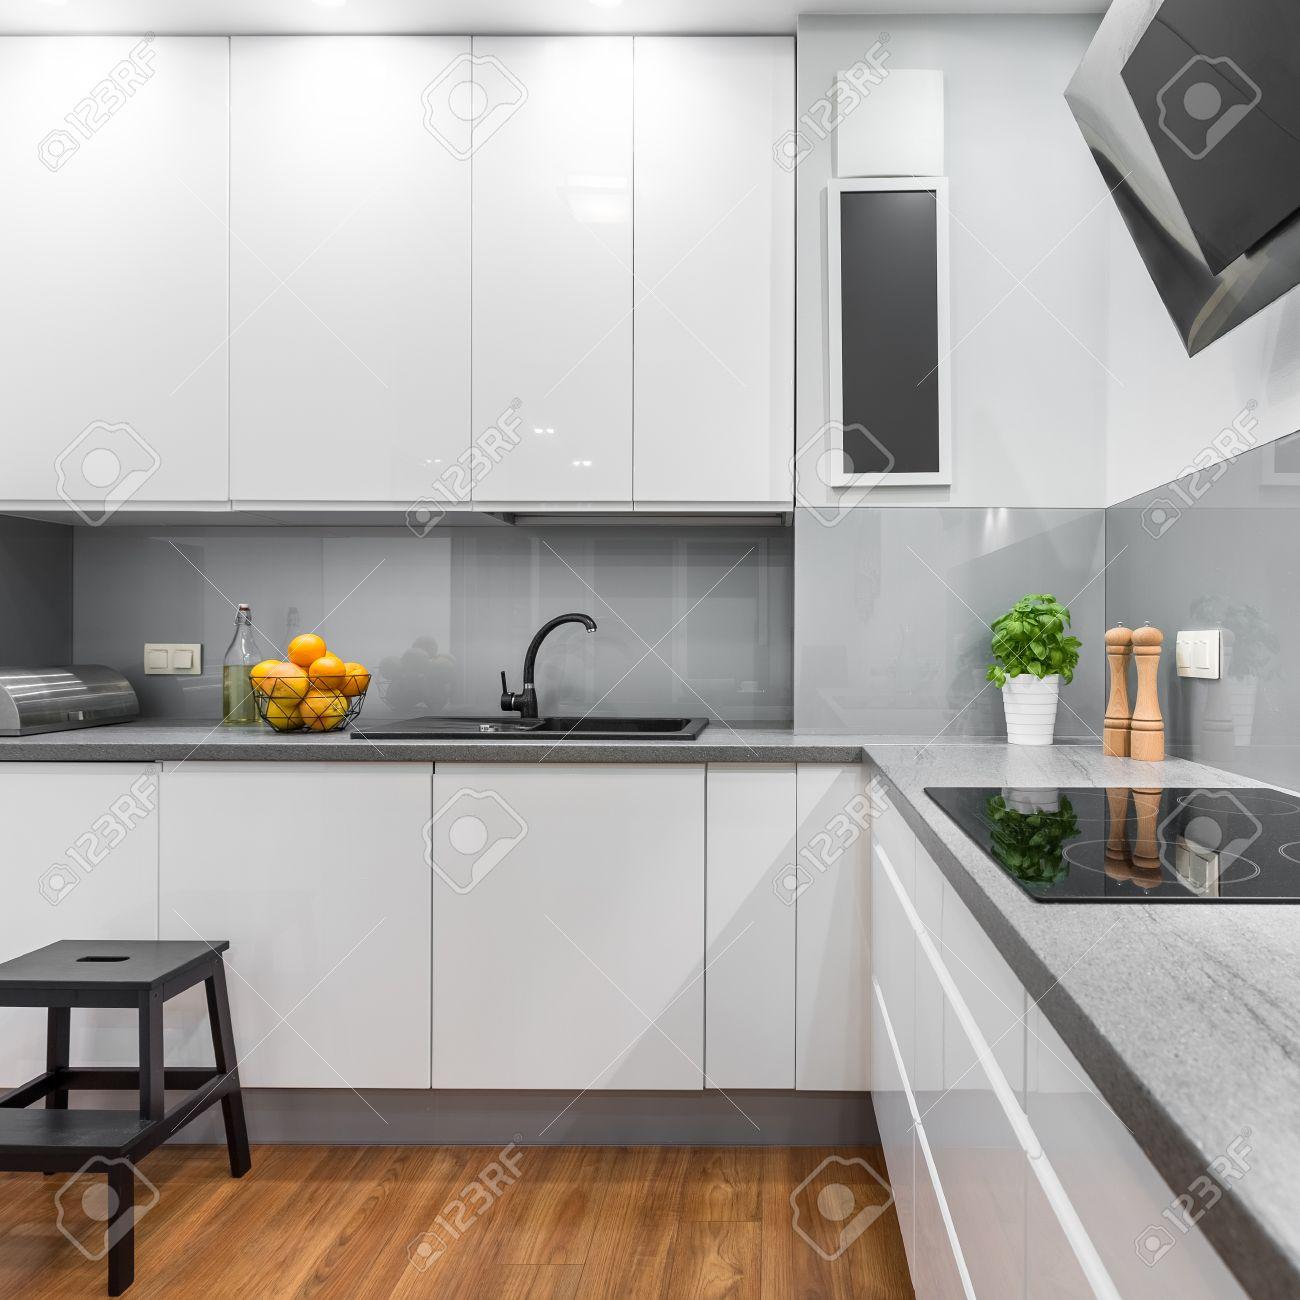 Cocina con muebles de color blanco, taburete de madera y encimera de  inducción